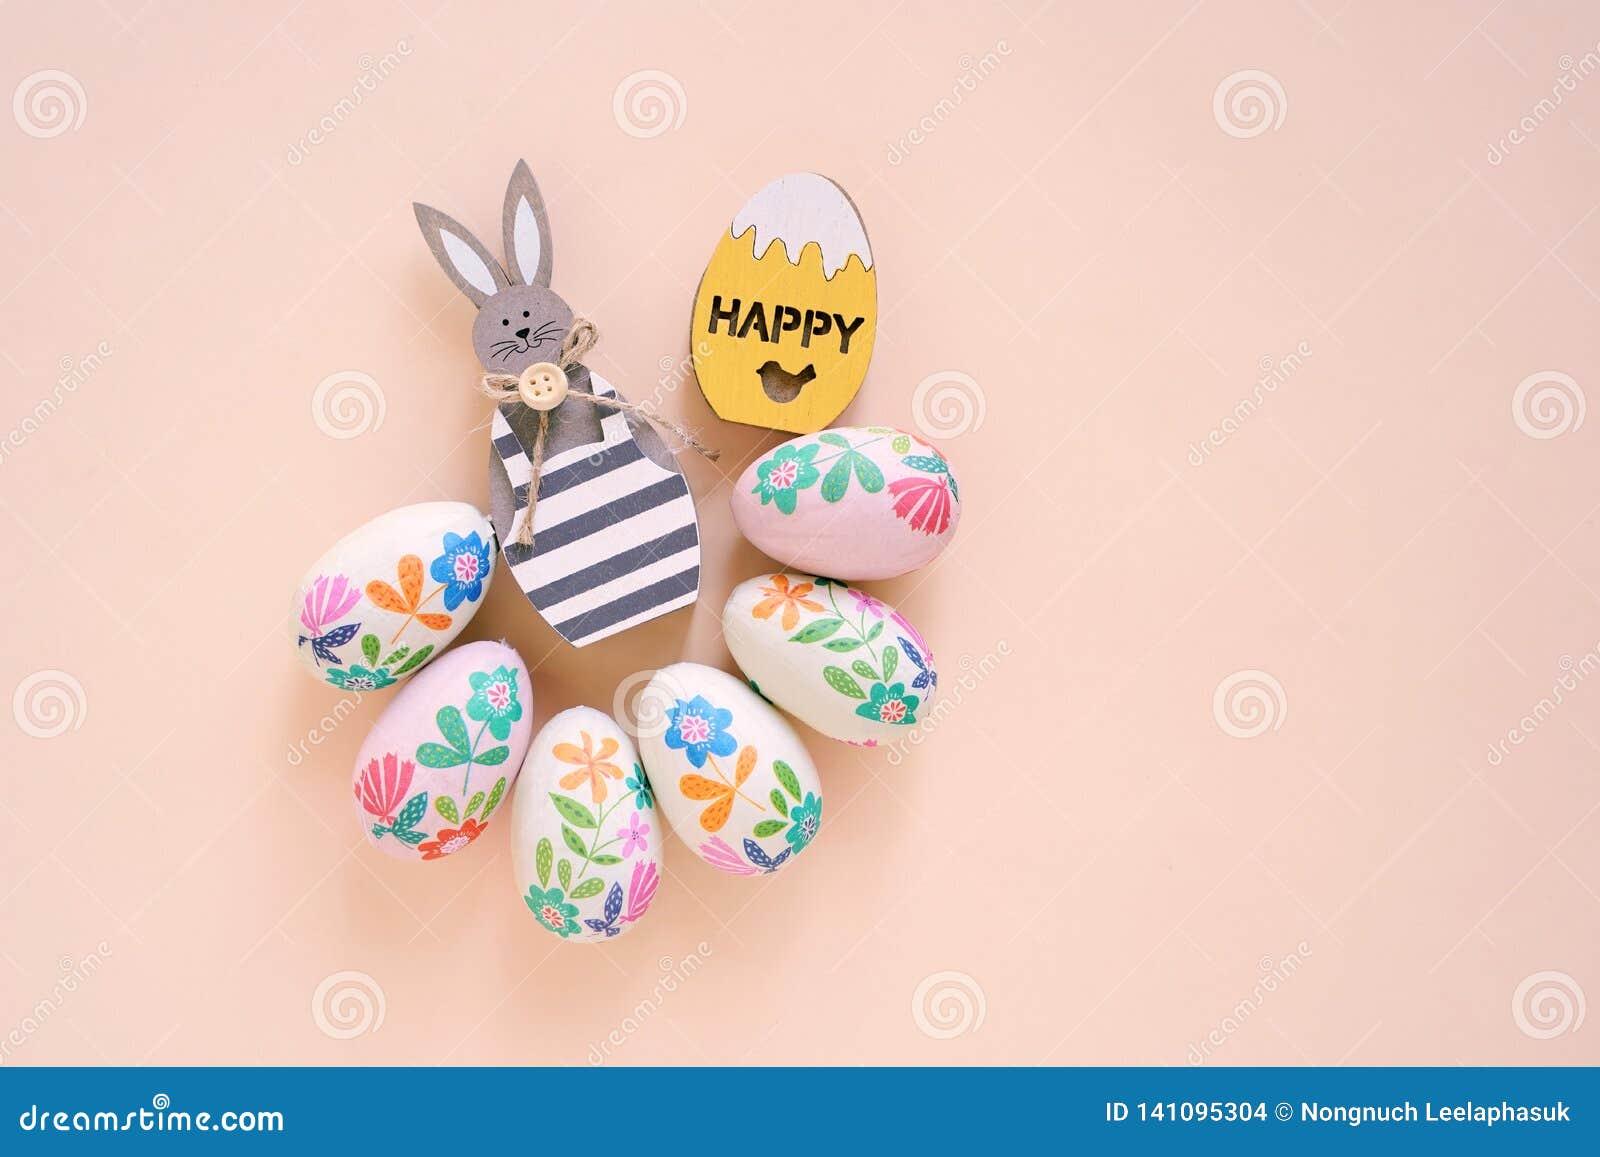 Ευτυχής έννοια Πάσχας με το ξύλινο λαγουδάκι και τα ζωηρόχρωμα αυγά Πάσχας στο κίτρινο υπόβαθρο